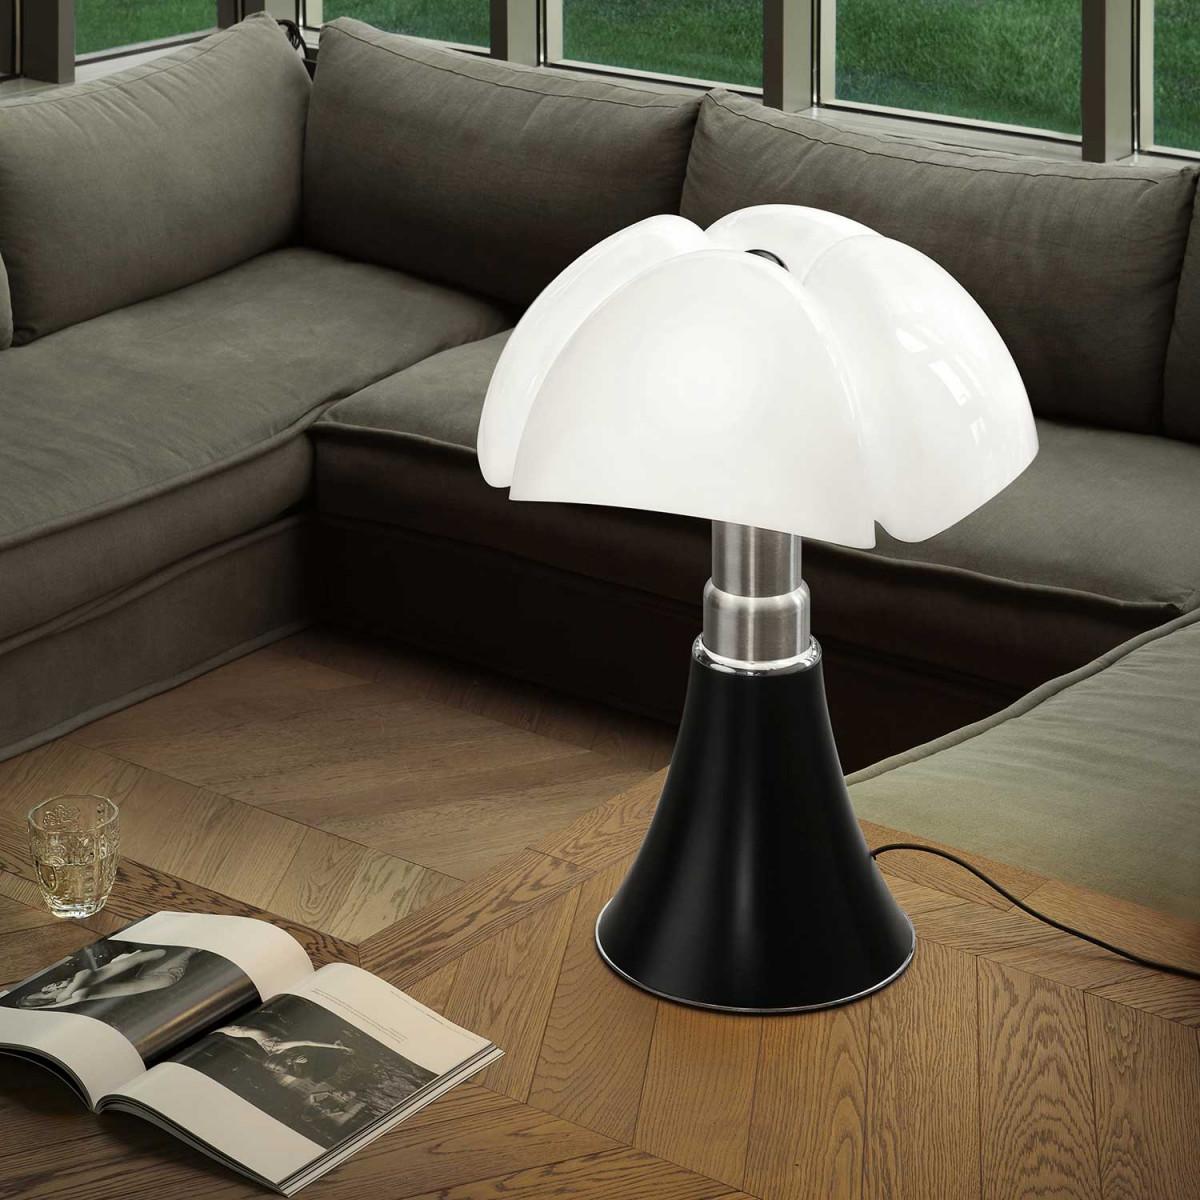 Bordlampe til stue Få godt lys med en moderne bordlampe